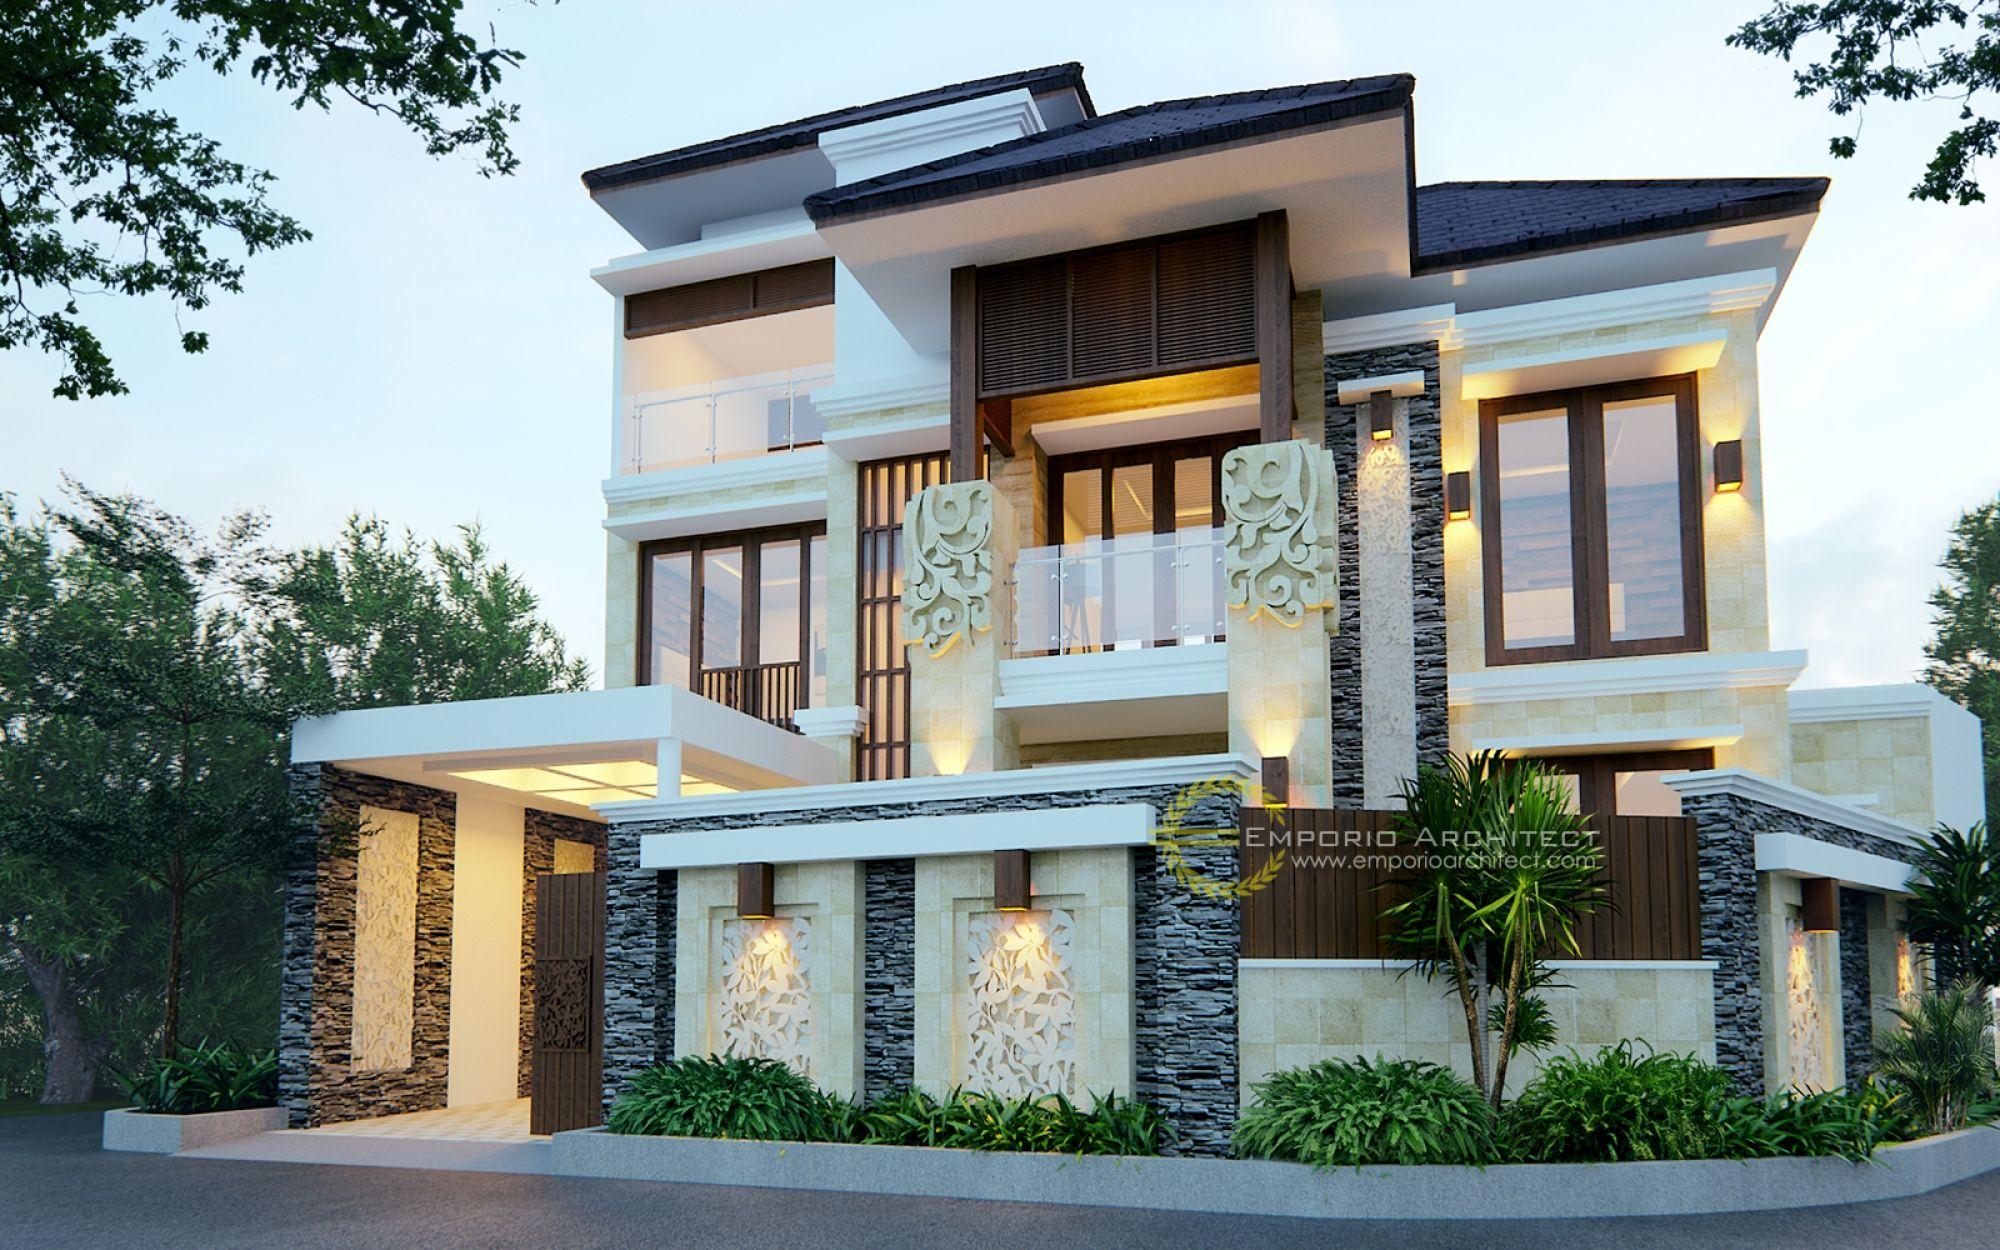 10100+ Foto Desain Rumah Full House Gratis Terbaik Yang Bisa Anda Tiru